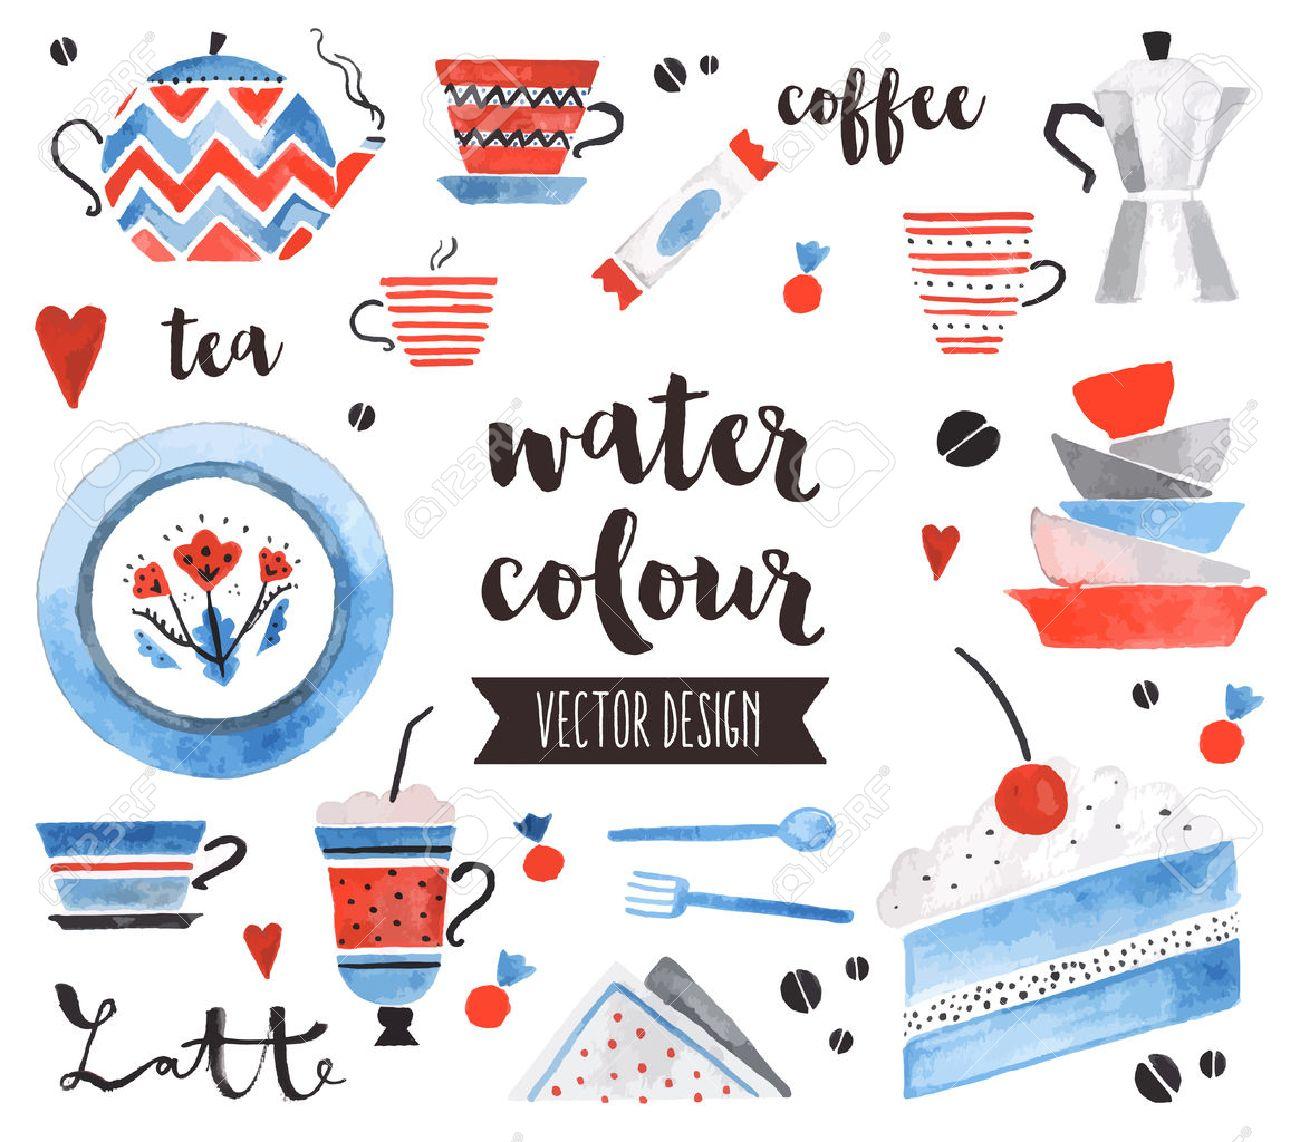 Premium-Qualität Aquarell-Icons Set von traditionellen Teekanne, helle Keramikplatten. Dekoration mit Textbeschriftung. Flache Laien Aquarell Objekte auf weißem Hintergrund isoliert. Standard-Bild - 53856865